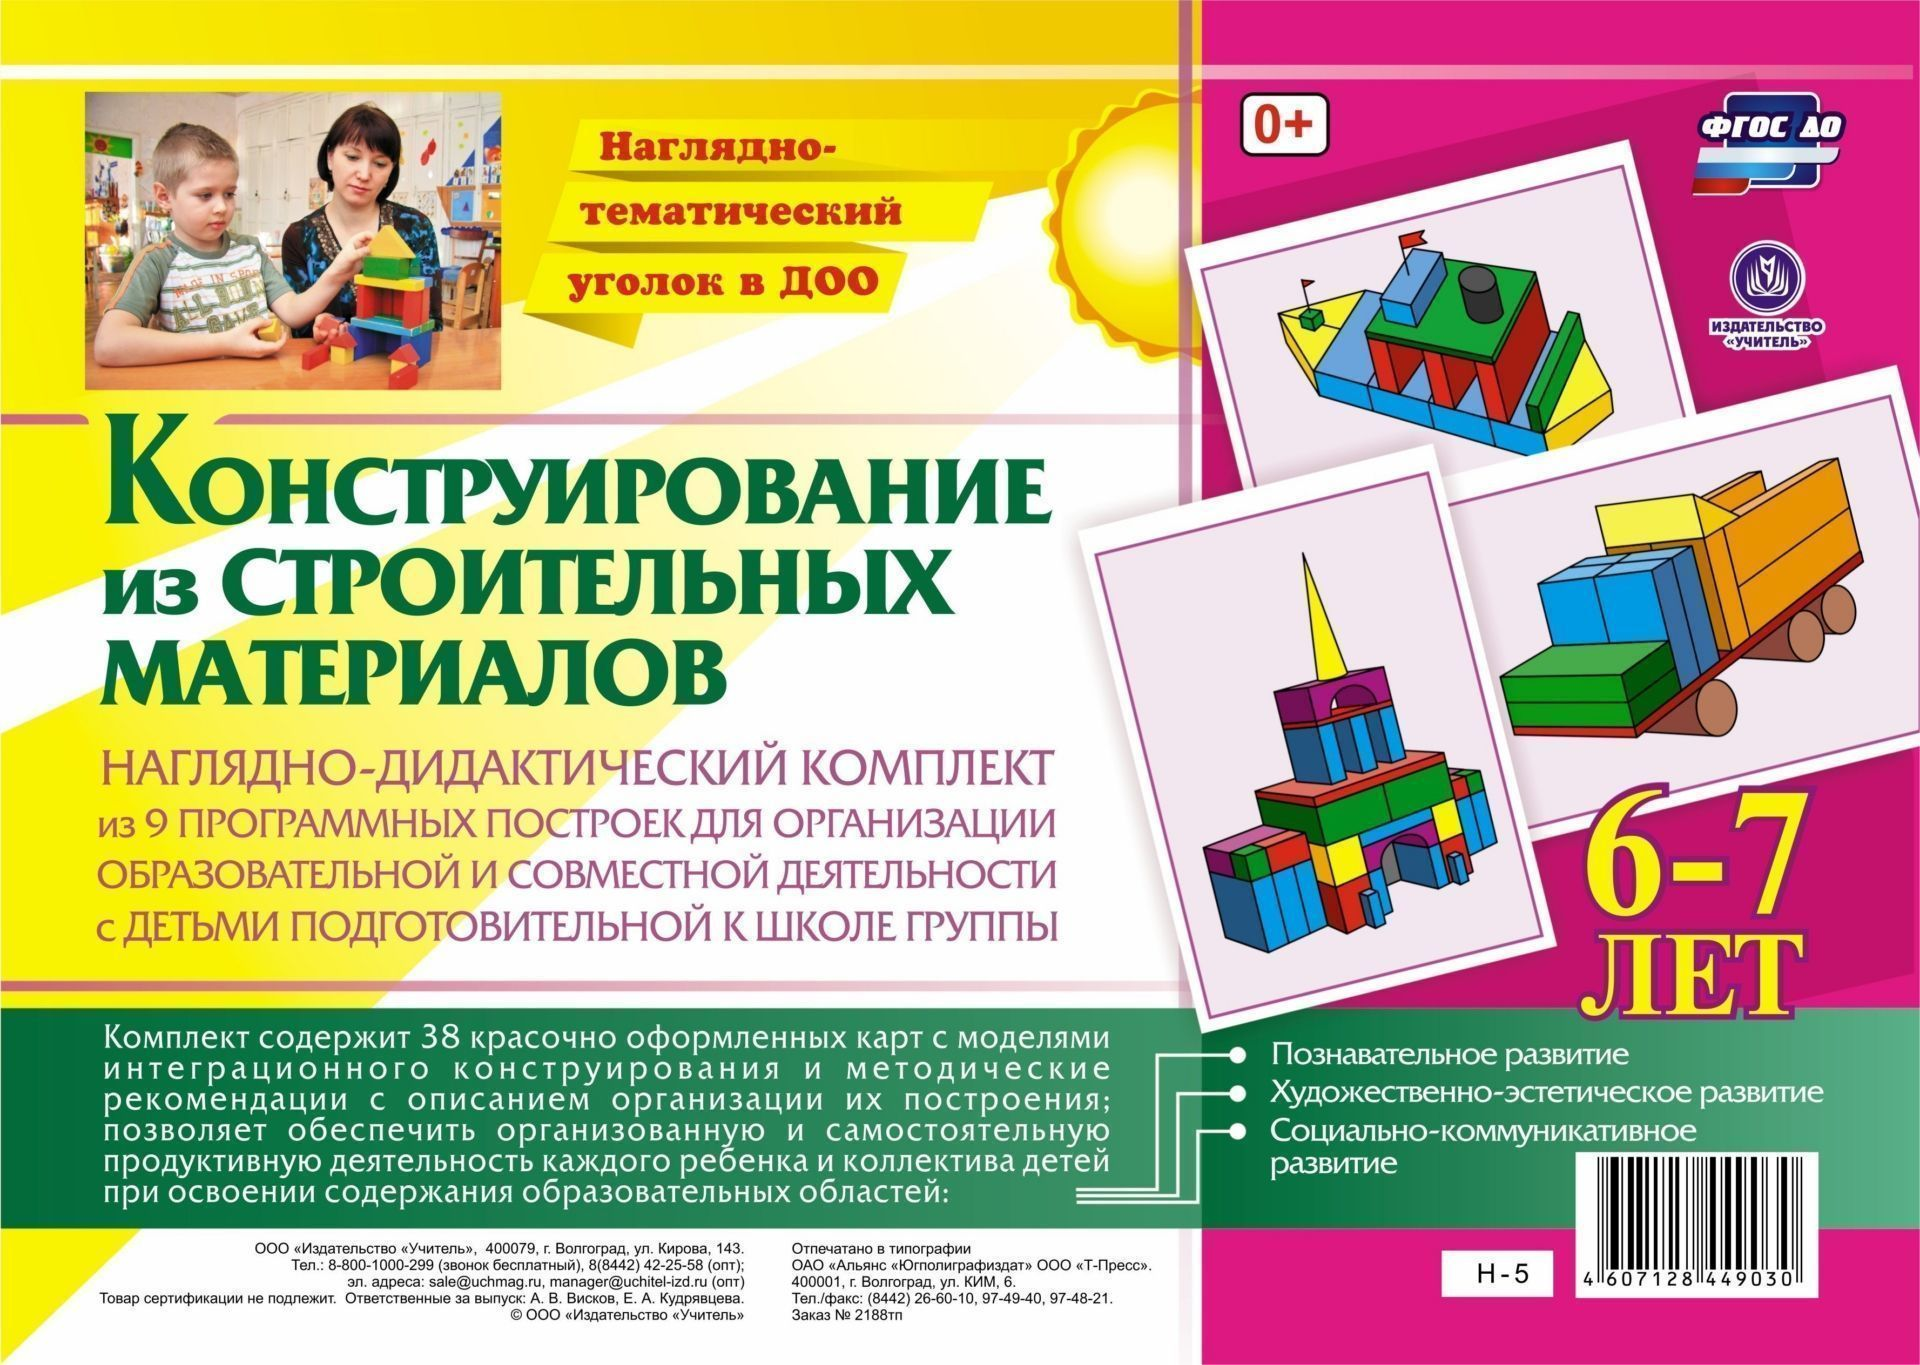 Наглядно-дидактический комплект. Конструирование. 38 цветных иллюстраций формата А4 на картоне. 6-7 летВоспитателю ДОО<br>Предлагаемый наглядно-дидактический комплект Конструирование из строительных материалов включает в себя 38 красочно оформленных листов, позволяющих ребенку доступно и увлекательно в совместной деятельности со взрослым или самостоятельной игре осуществит...<br><br>Год: 2017<br>Серия: Наглядно-тематический уголок в ДОО<br>Высота: 297<br>Ширина: 210<br>Переплёт: набор